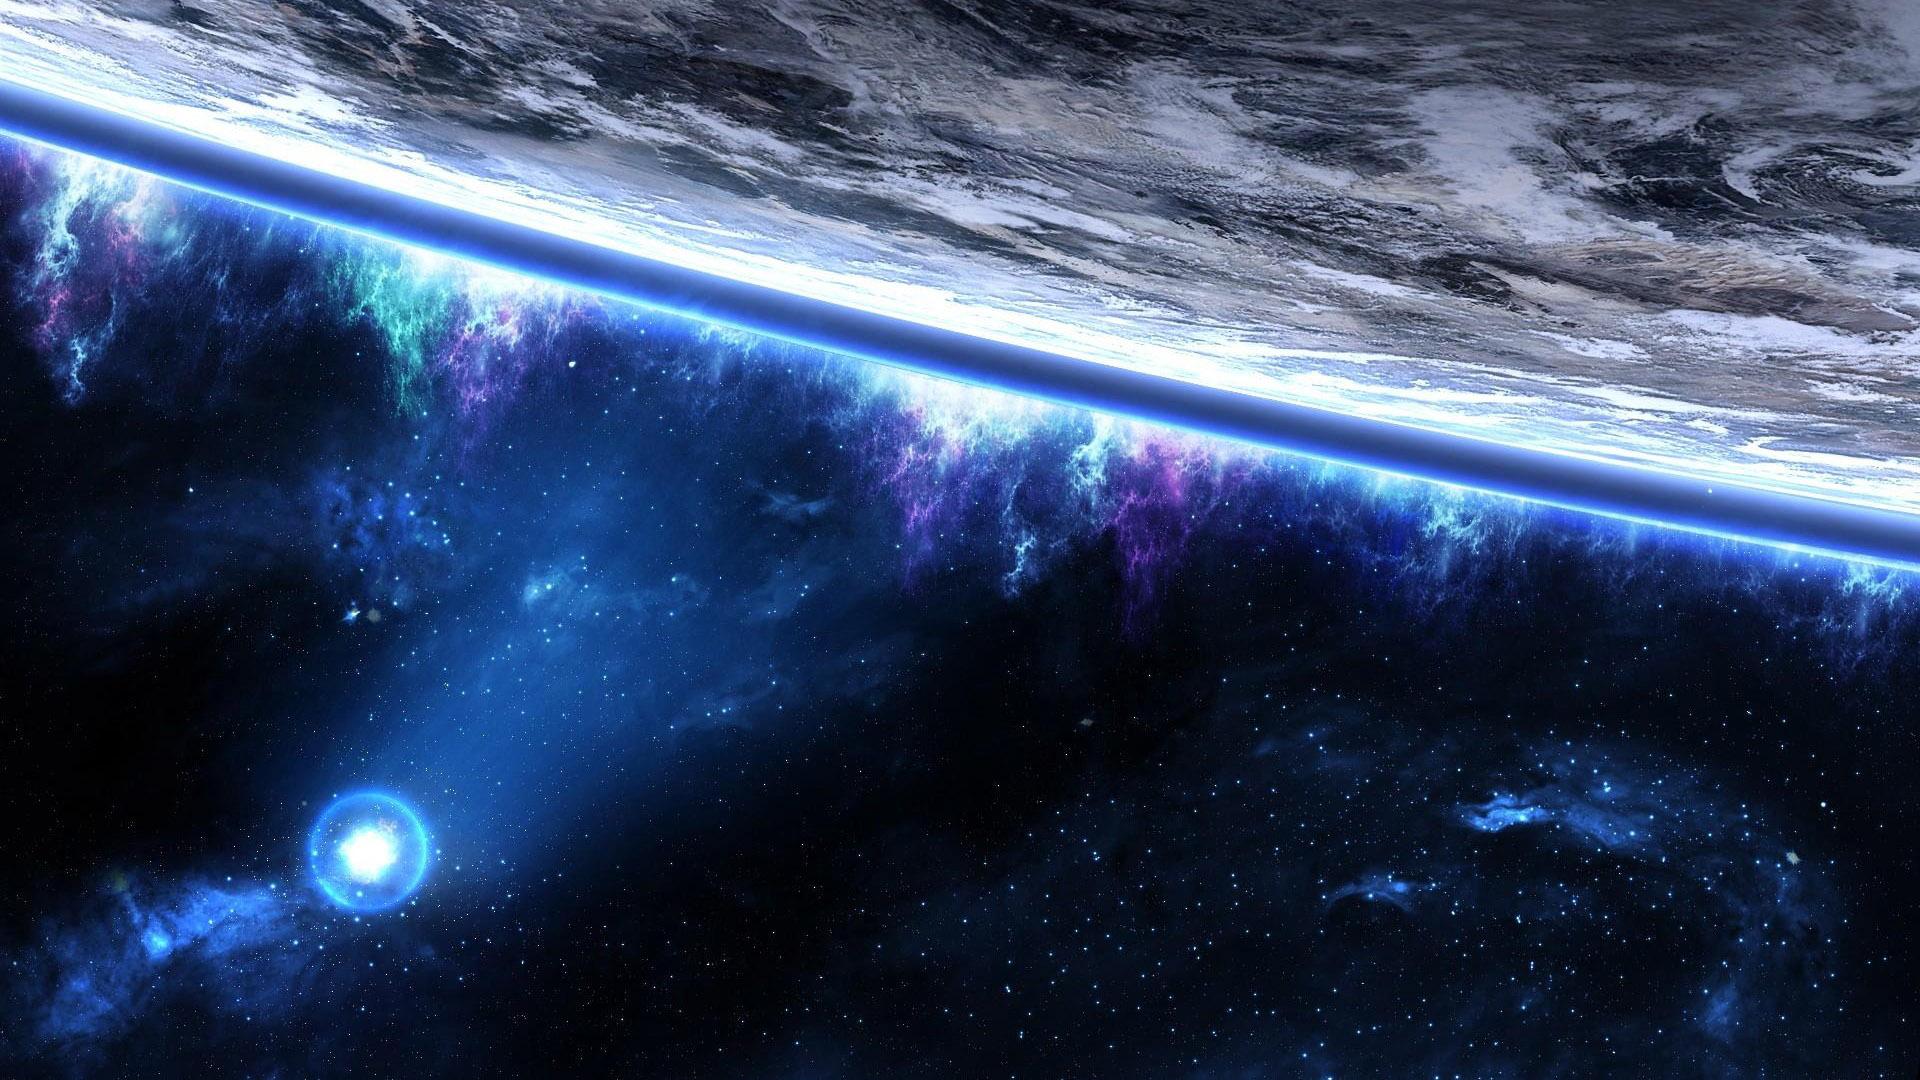 Увлекательные обои Космоса для заставки рабочего стола - сборка №9 13